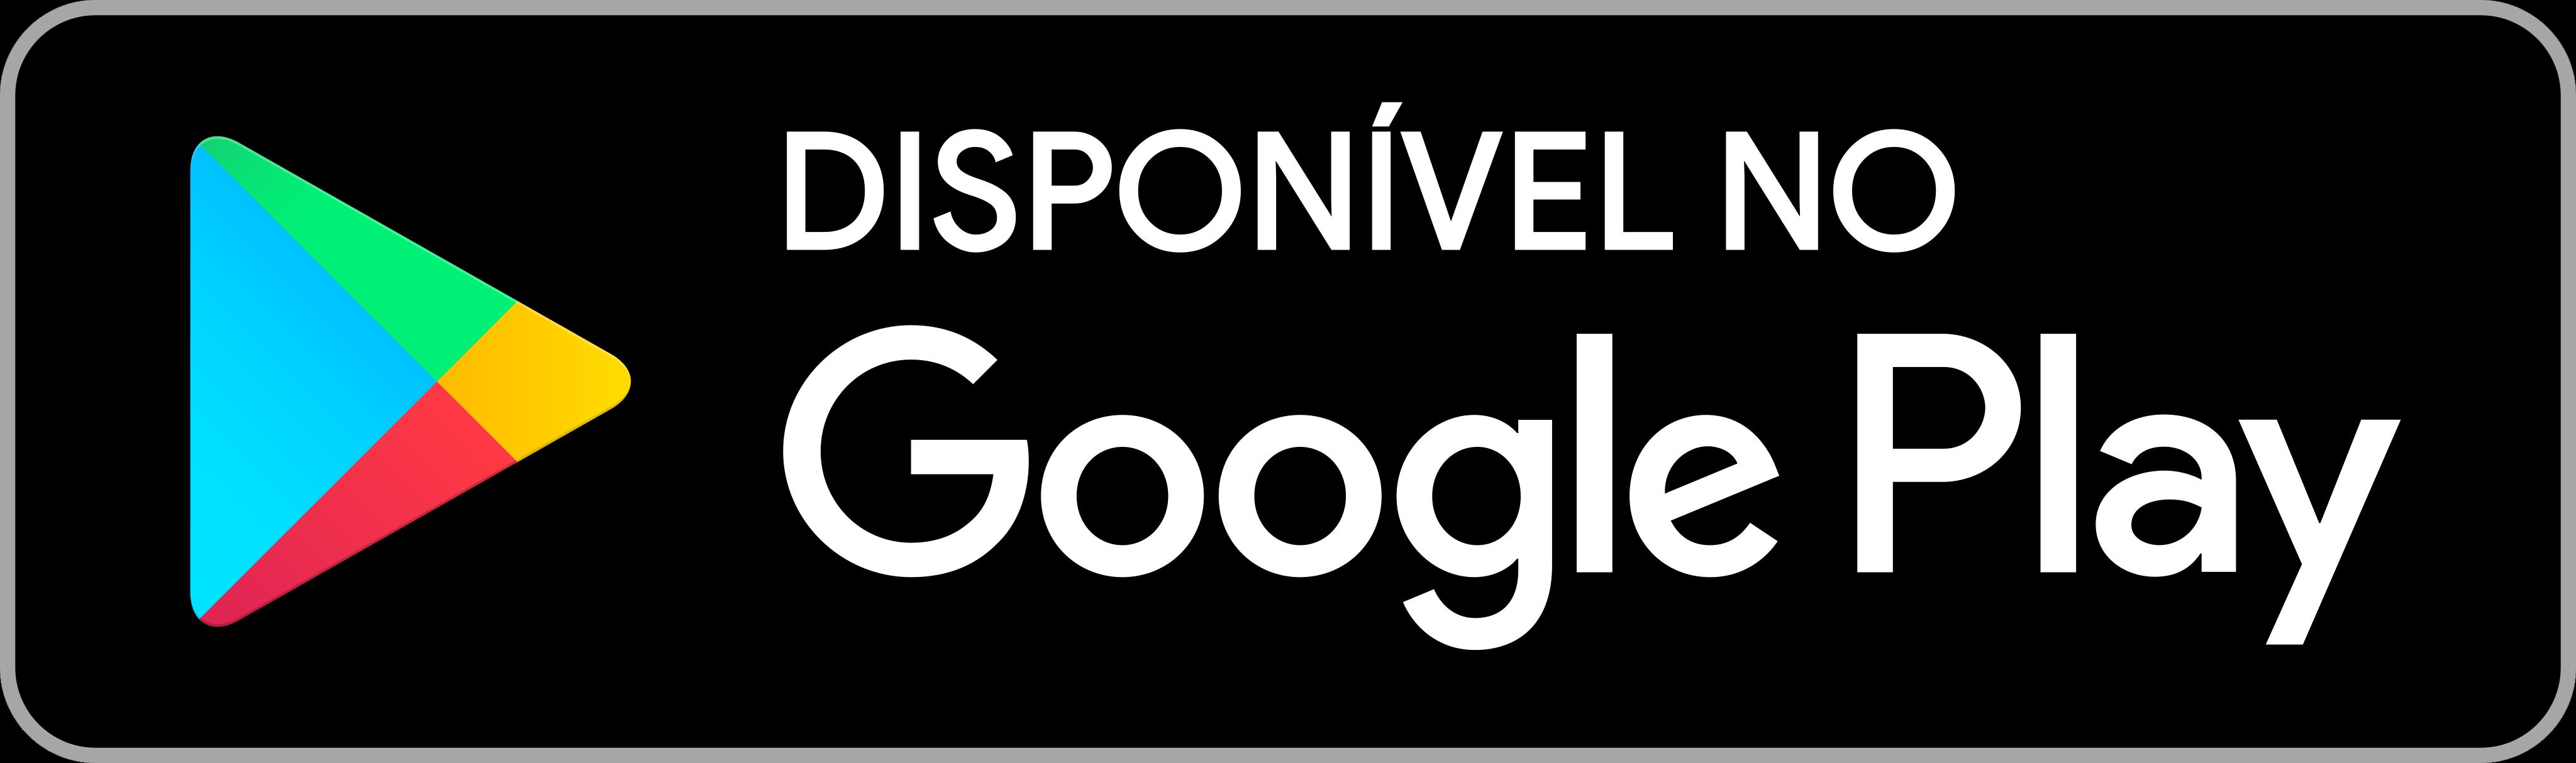 Disponível no Google Play Logo, badge.